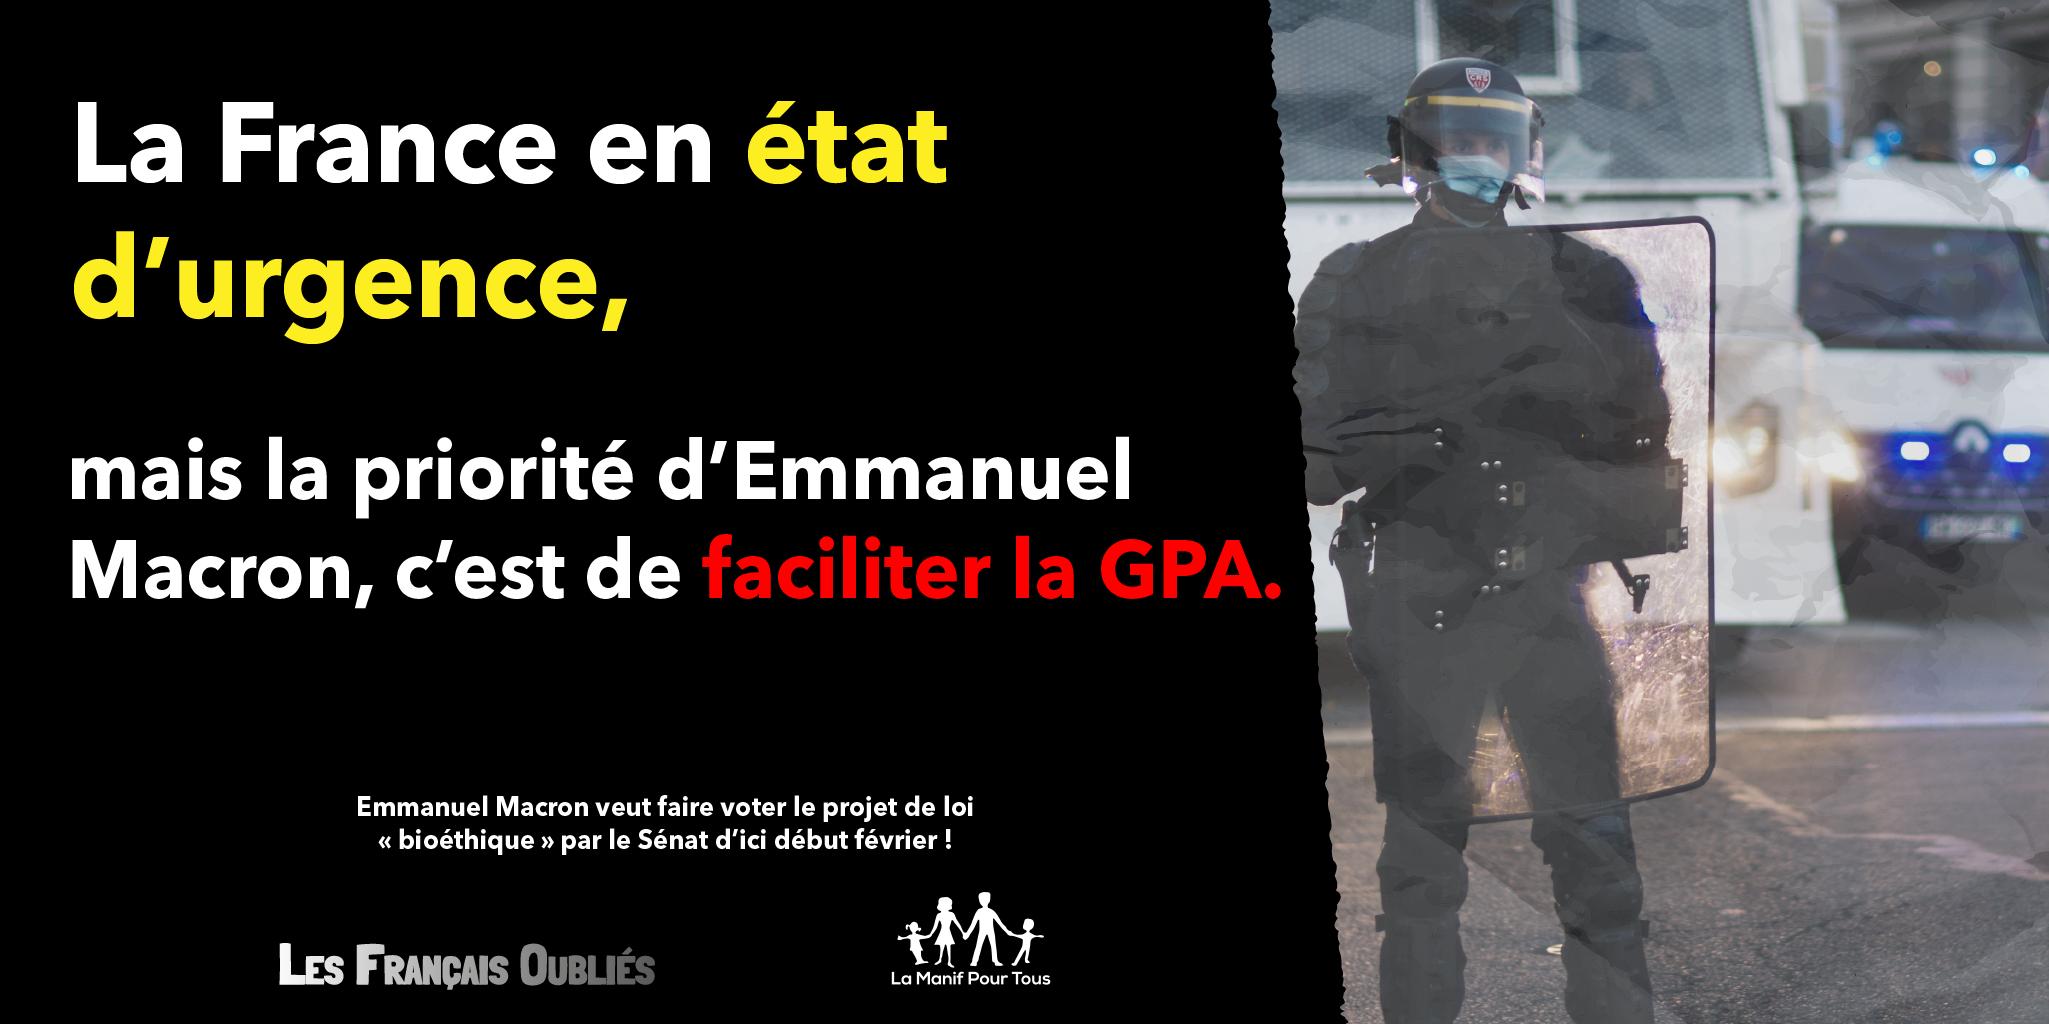 Image - Crise sanitaire, économique et sociale : la priorité d'Emmanuel Macron c'est le projet de loi bioéthique !